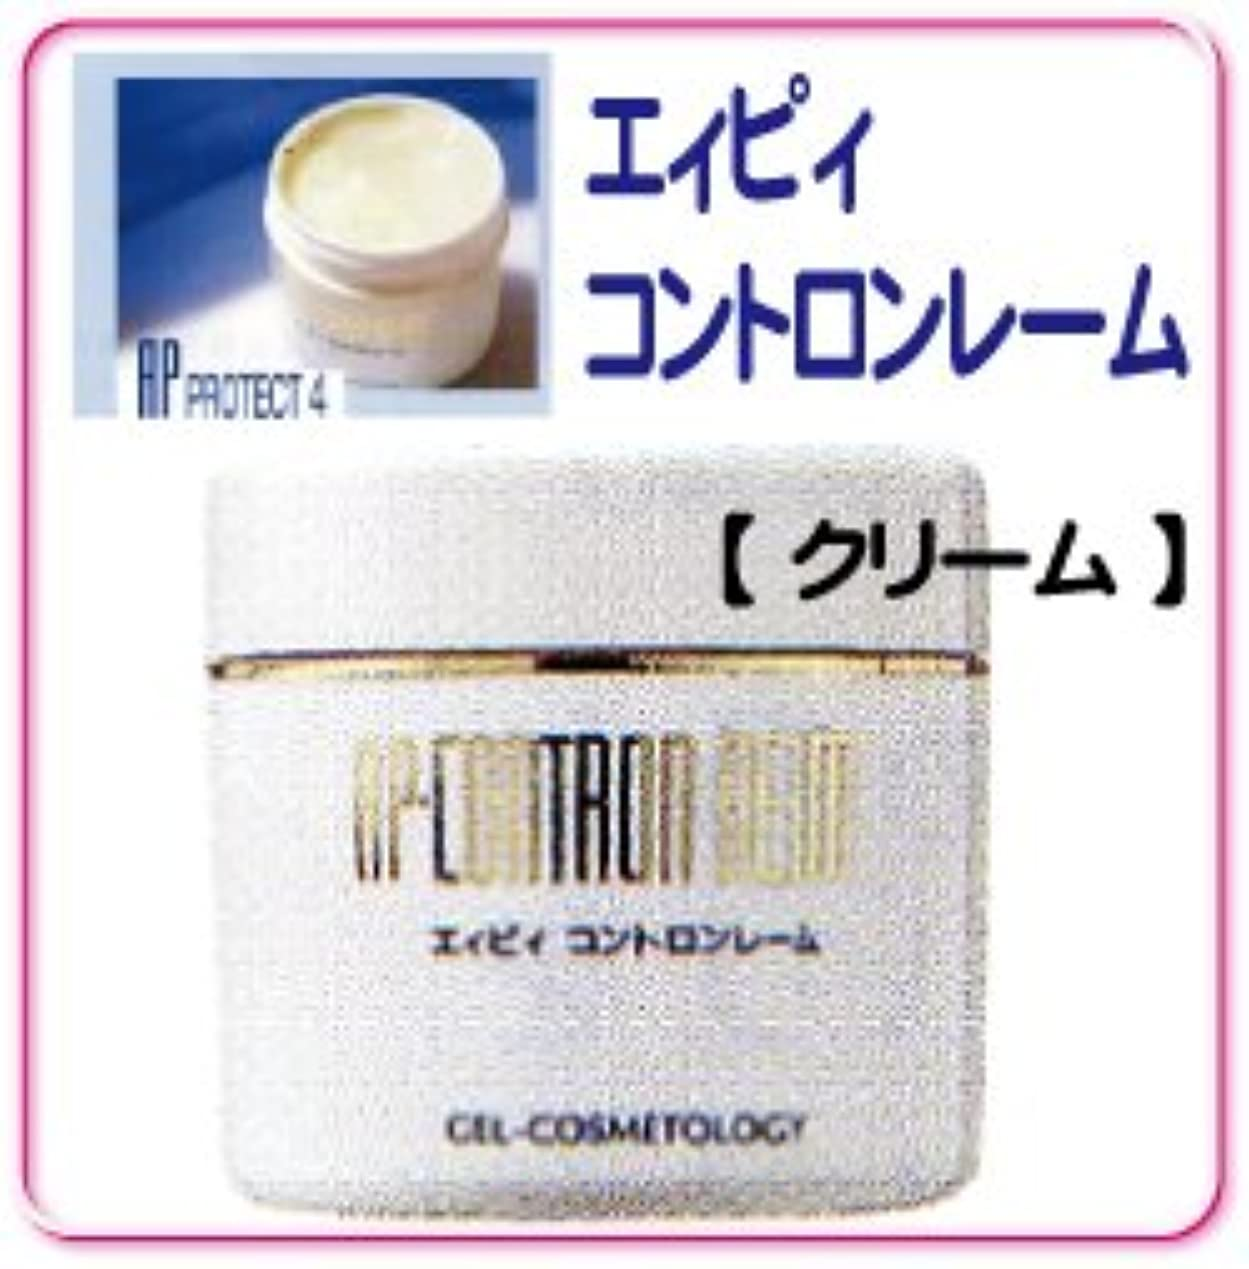 ハイブリッドコスト作曲するベルマン化粧品 APprotectシリーズ  コントロンレーム  敏感肌用クリーム 110g